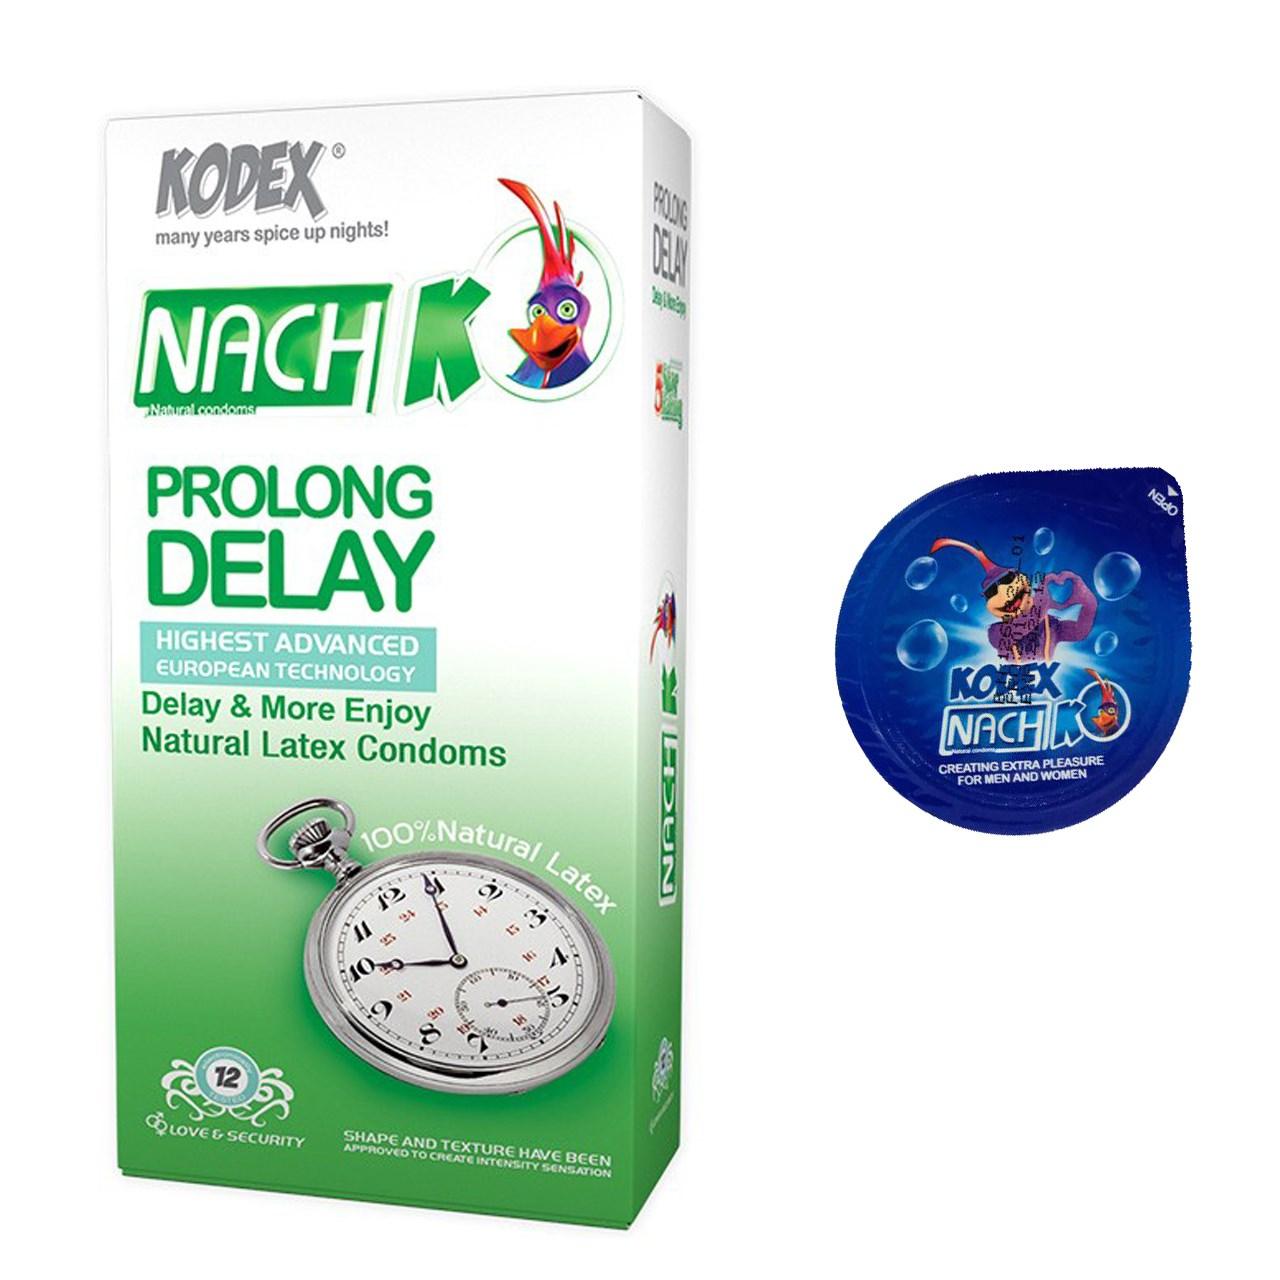 قیمت کاندوم تاخیری مدل بلیسر کدکس به همراه یک بسته کدکس مدل Prolong Delay بسته 12 عددی